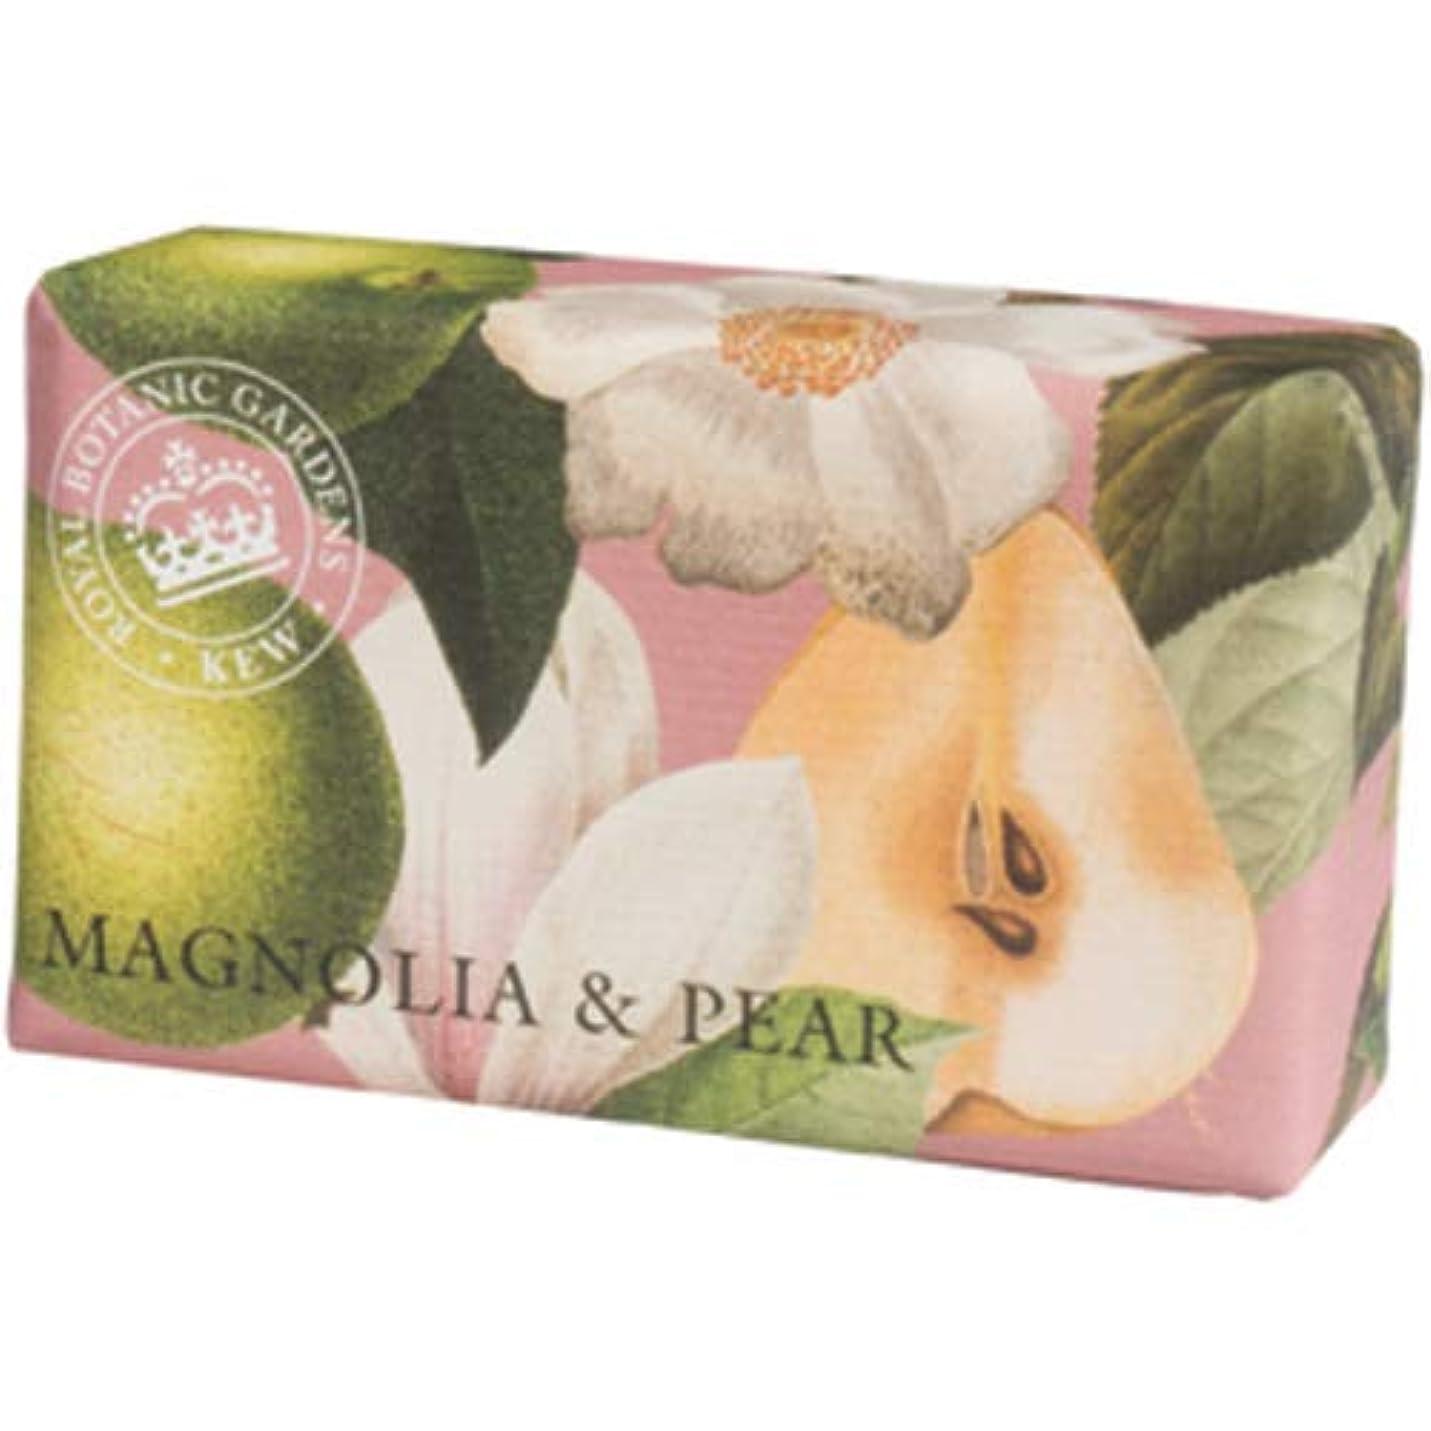 バイソン地図製作English Soap Company イングリッシュソープカンパニー KEW GARDEN キュー?ガーデン Luxury Shea Soaps シアソープ Magnolia & Pear マグノリア&ペア